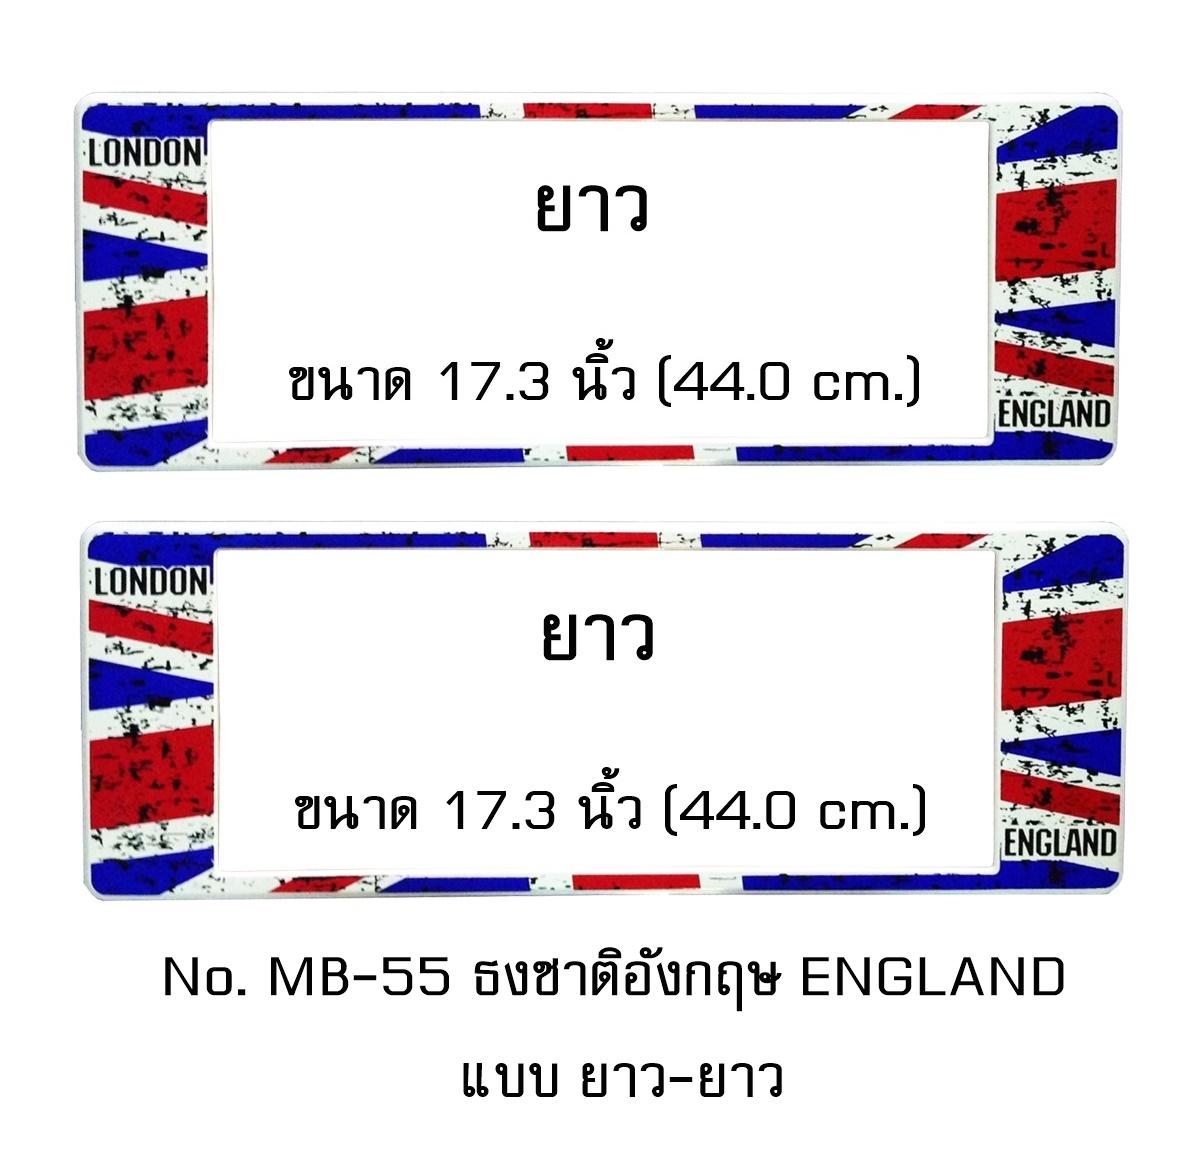 กรอบป้ายทะเบียนรถยนต์กันน้ำ MB-55 FLAG ธงชาติอังกฤษ ลายพราง ยาว-ยาว ระบบล็อค8จุด อะไหล่ครบ